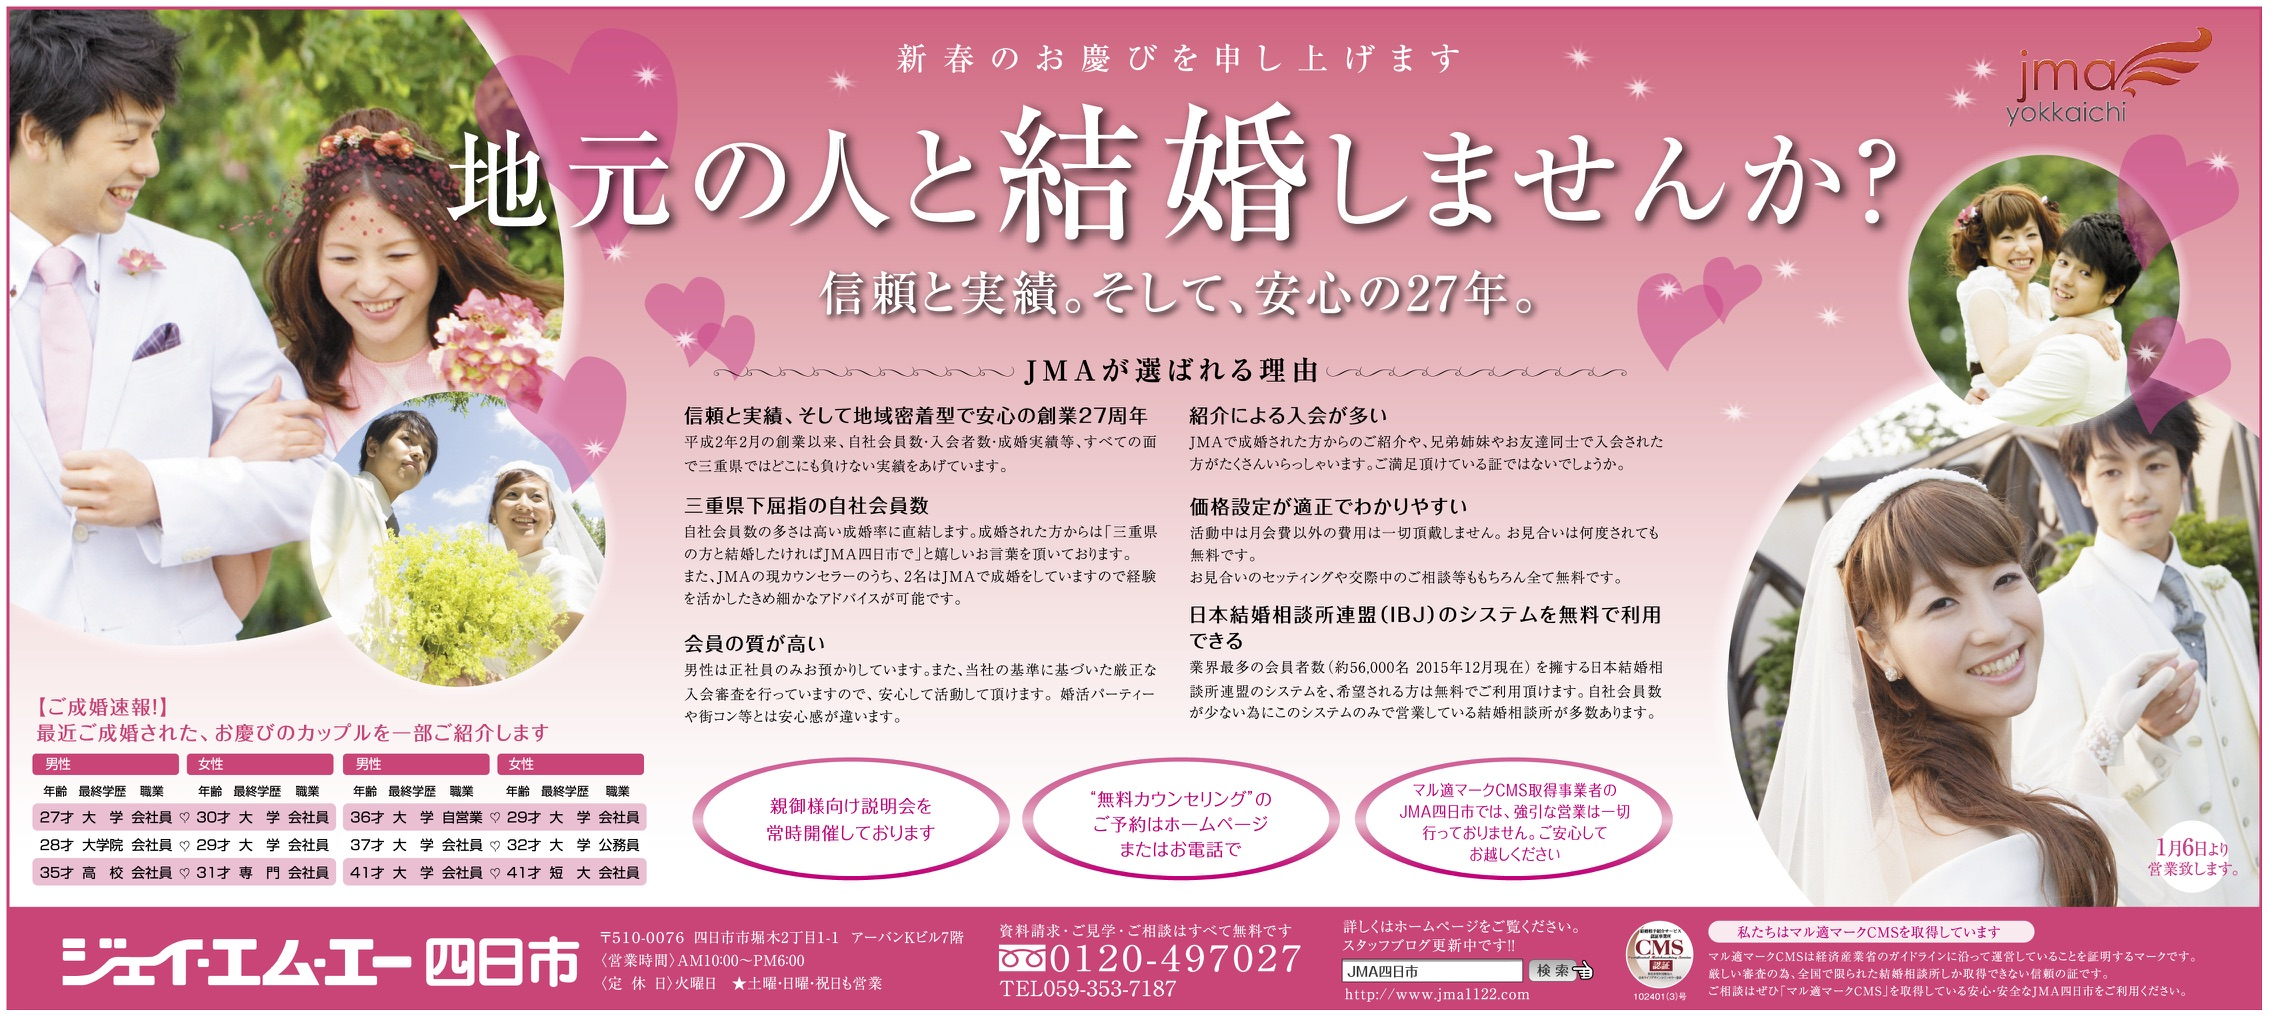 JMA正月広告